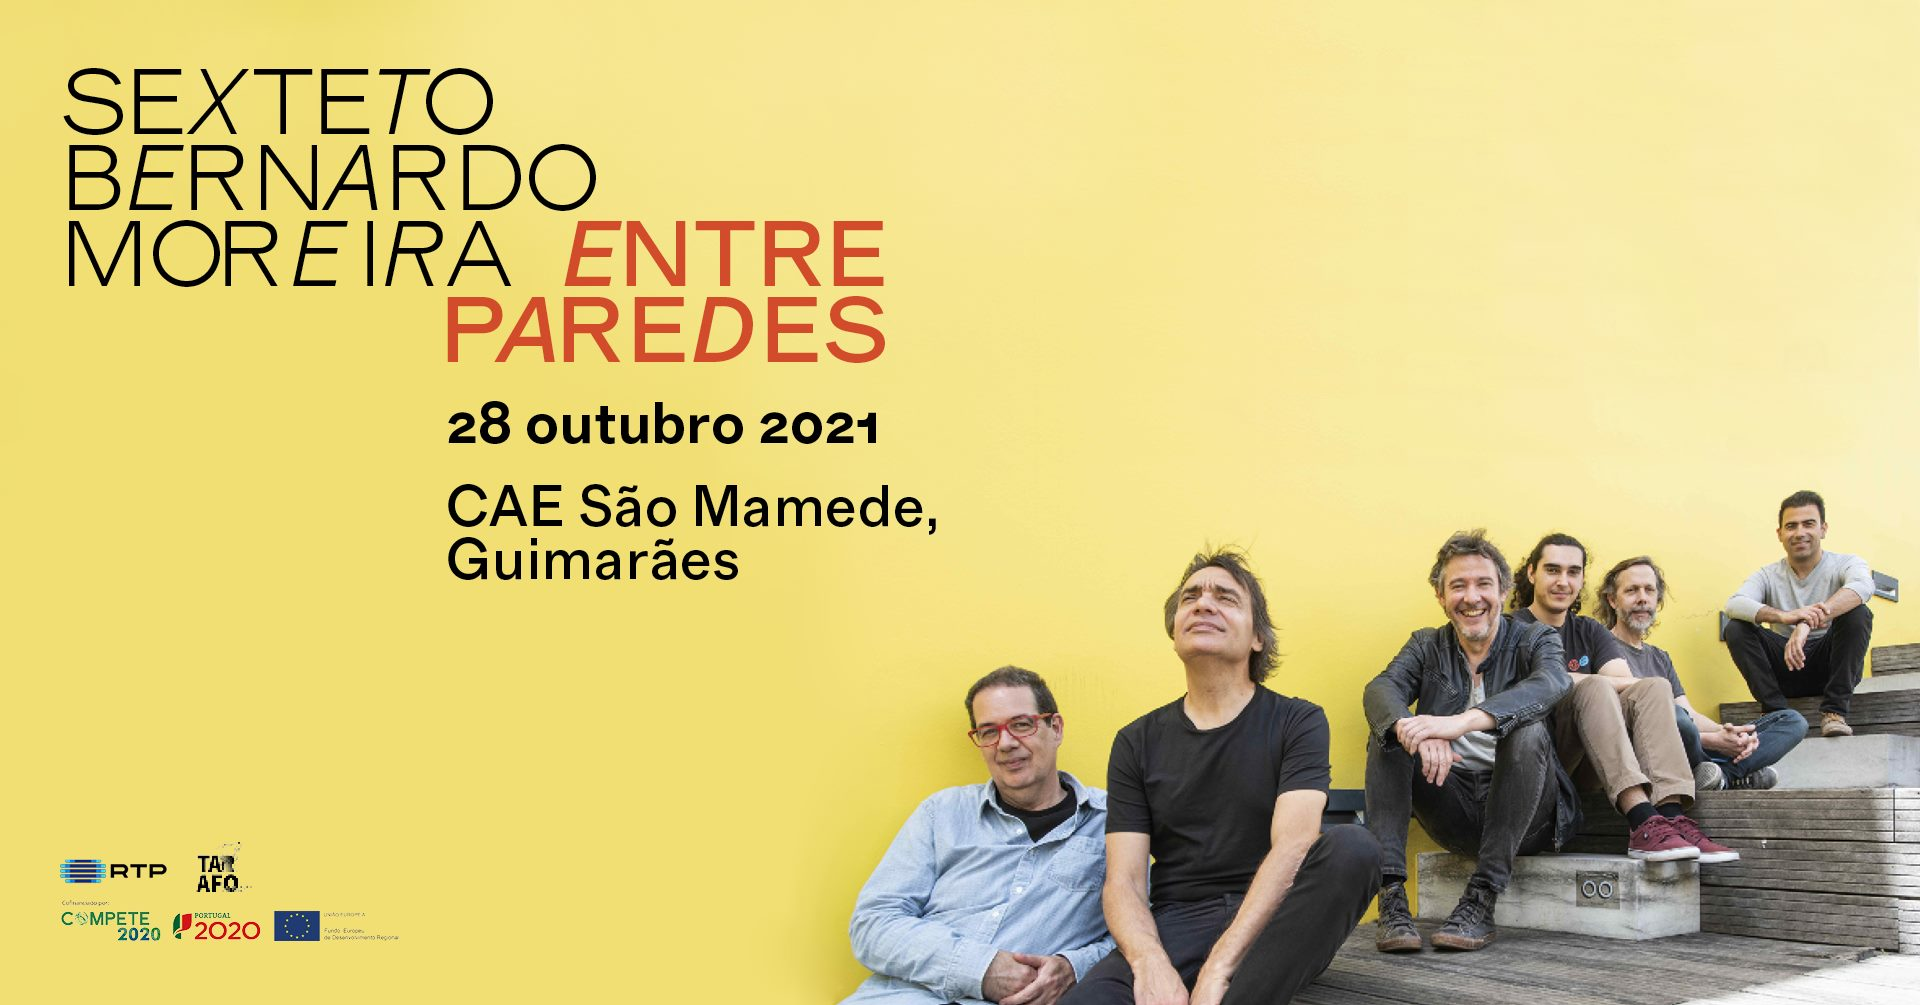 Bernardo Moreira Sexteto